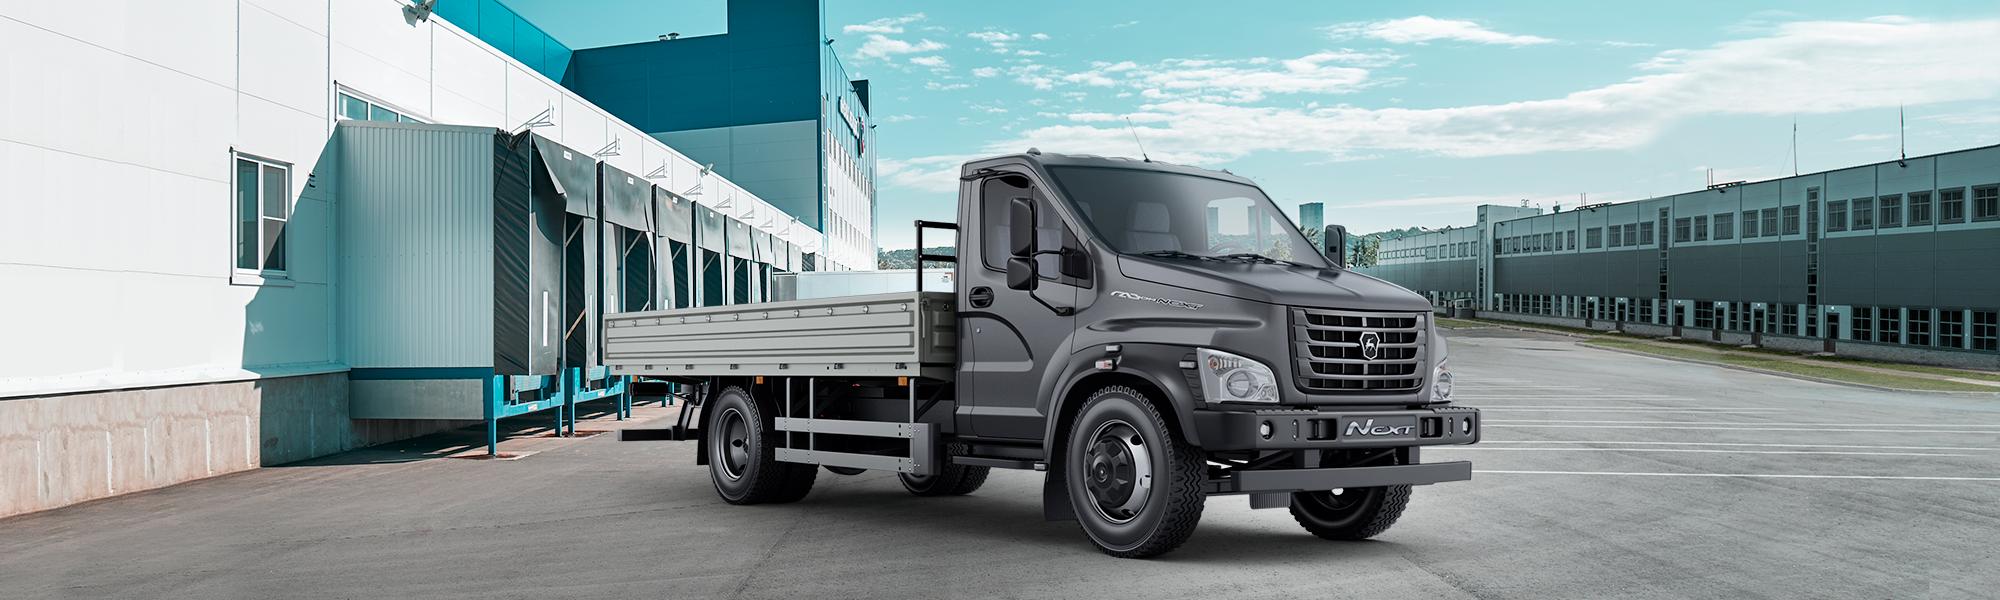 Автомобиль ГАЗон NEXT 8,7 тонн Универсальный, титан. Вид сбоку. Десктопное изображение